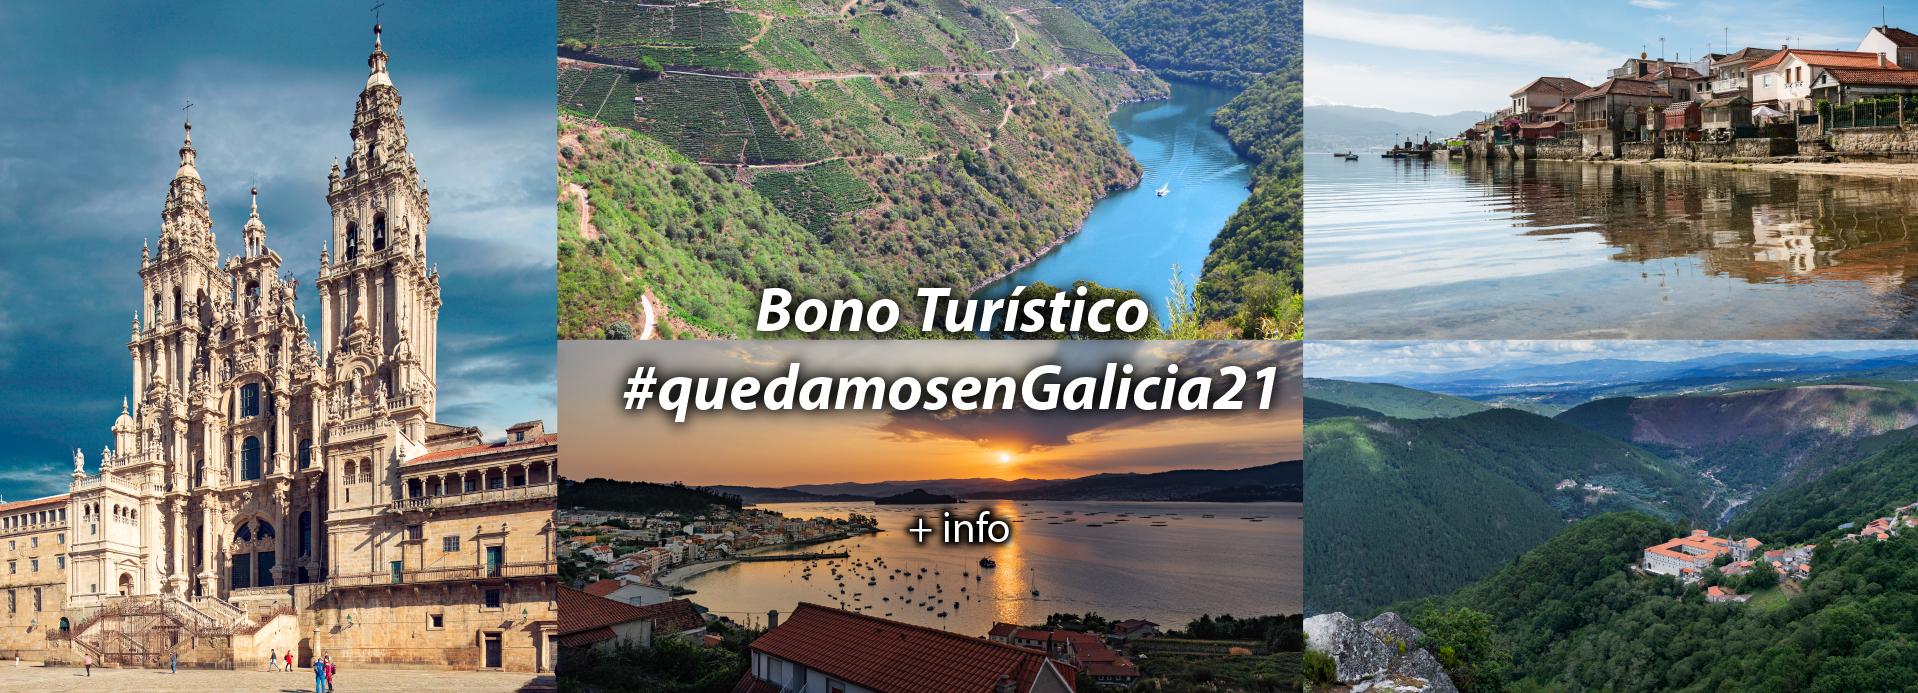 #QuedamosEnGalicia21